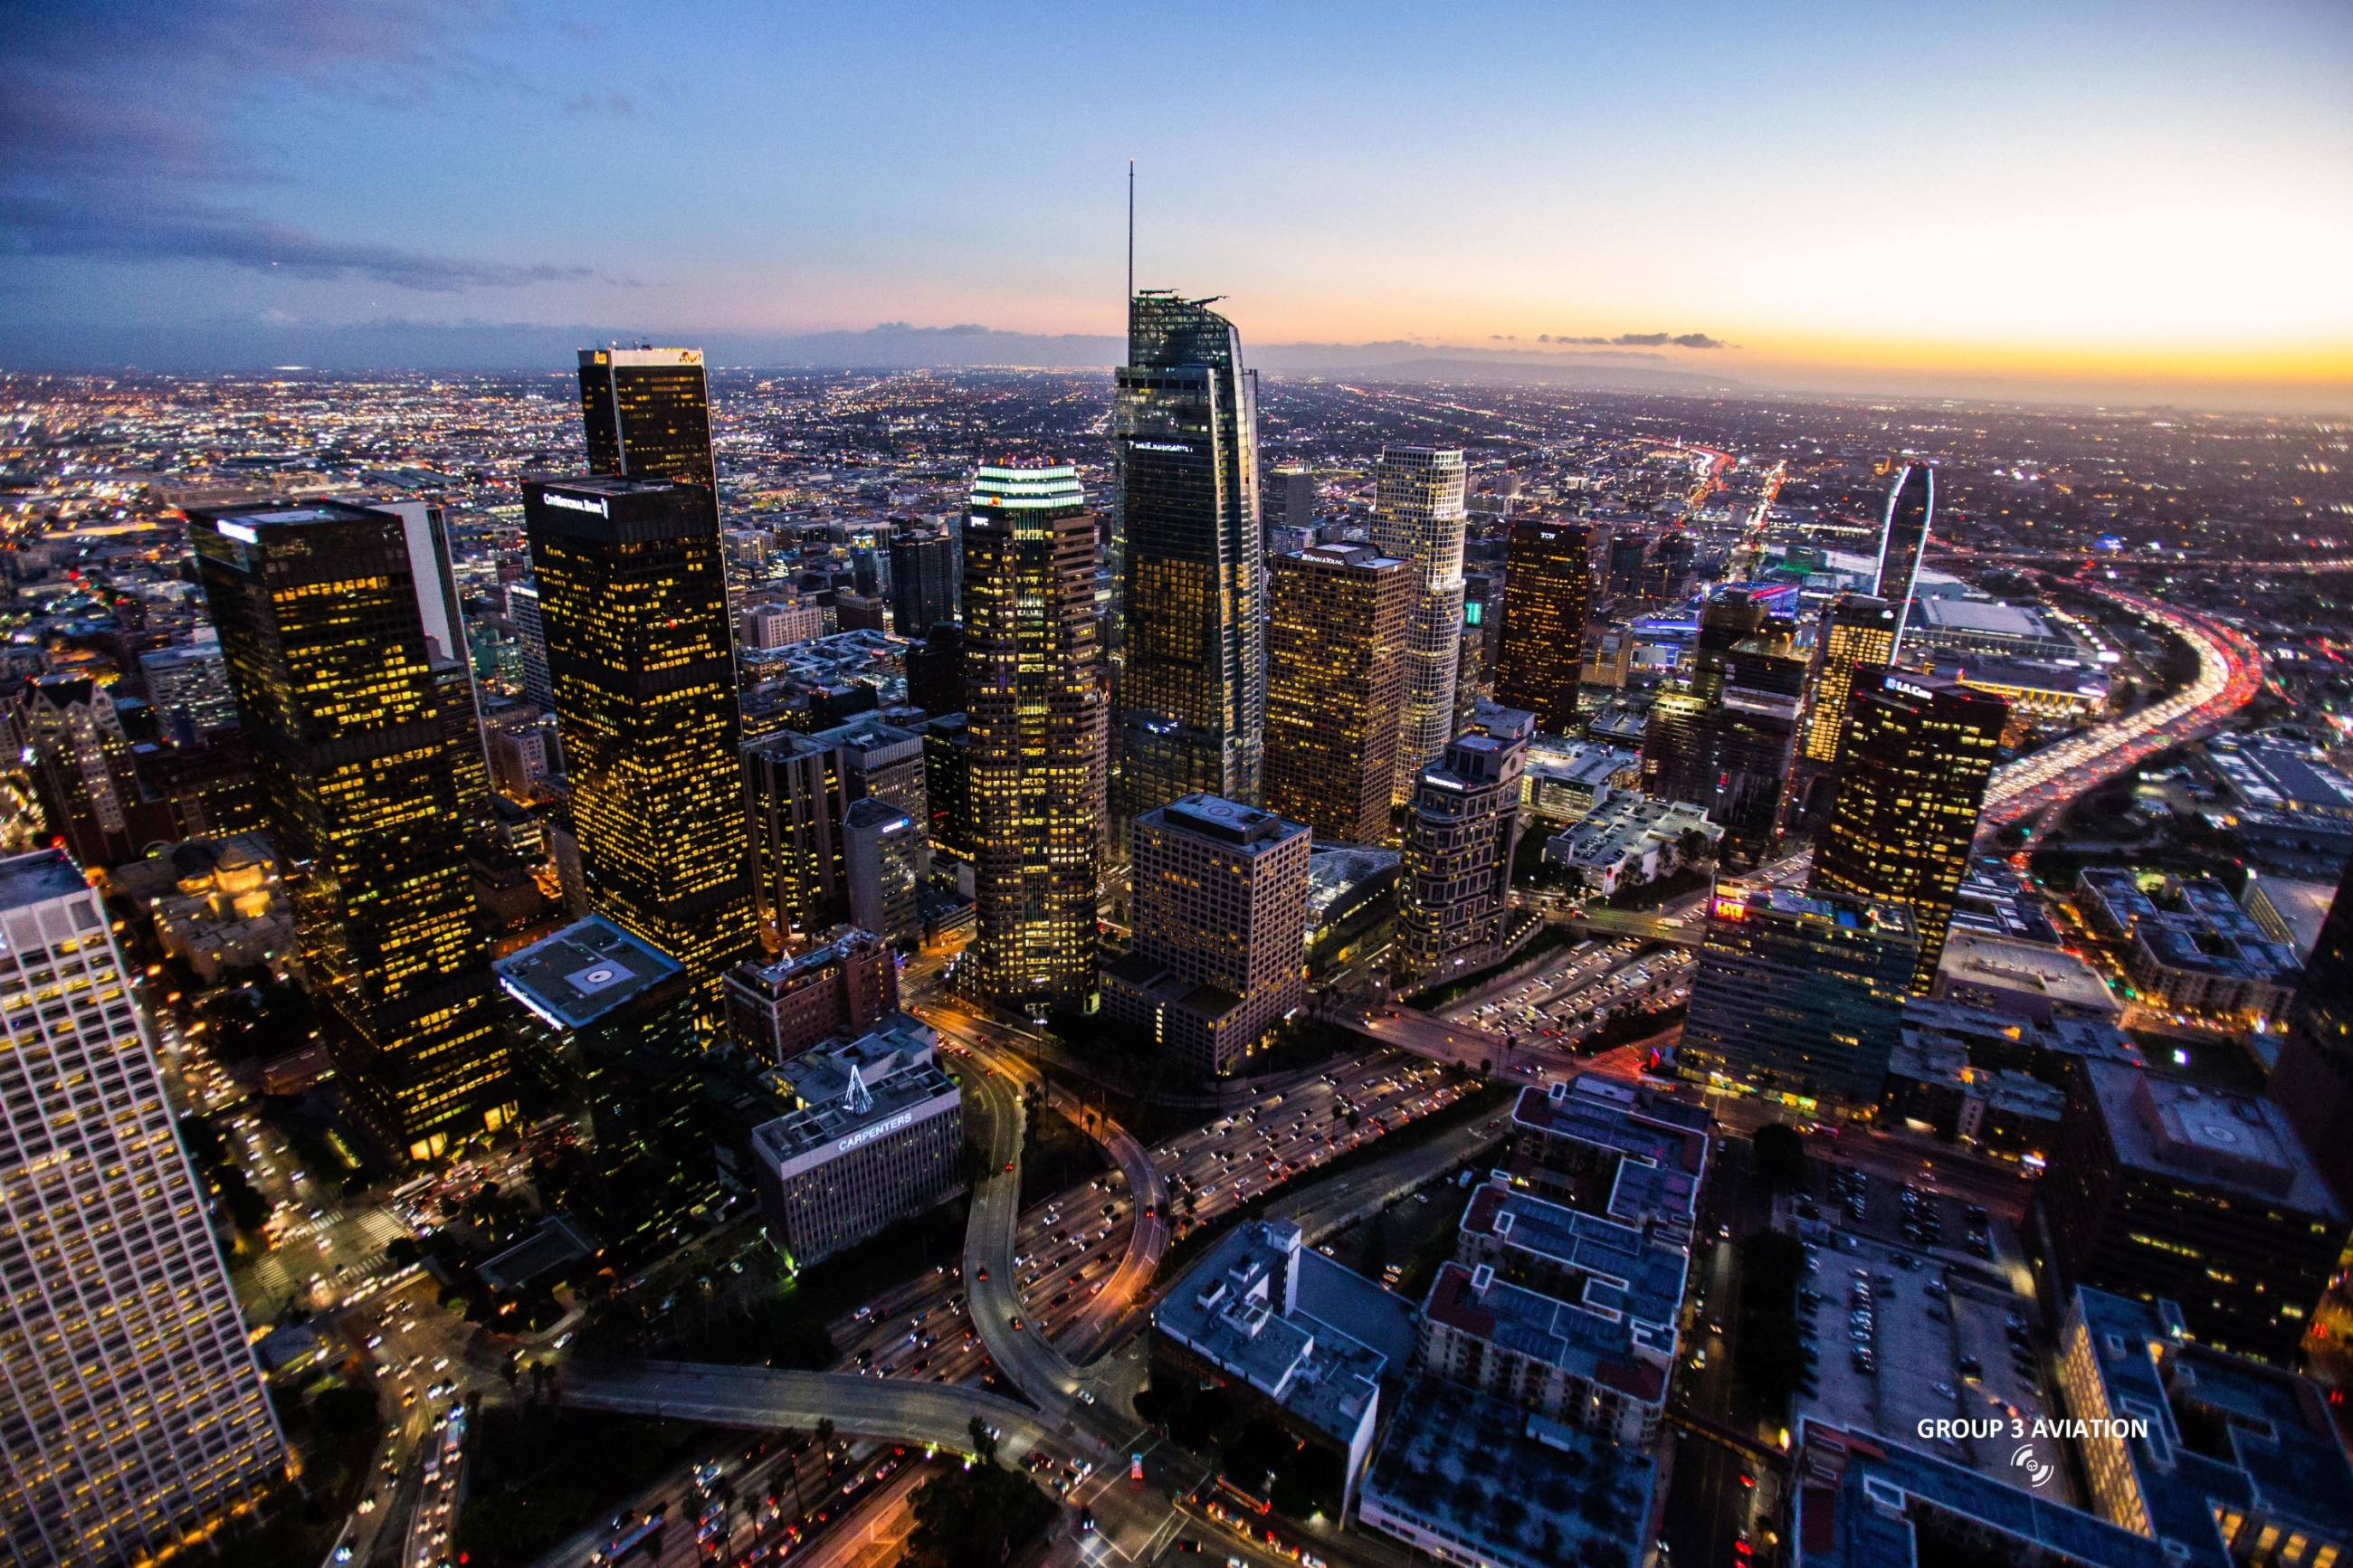 Above Downtown LA